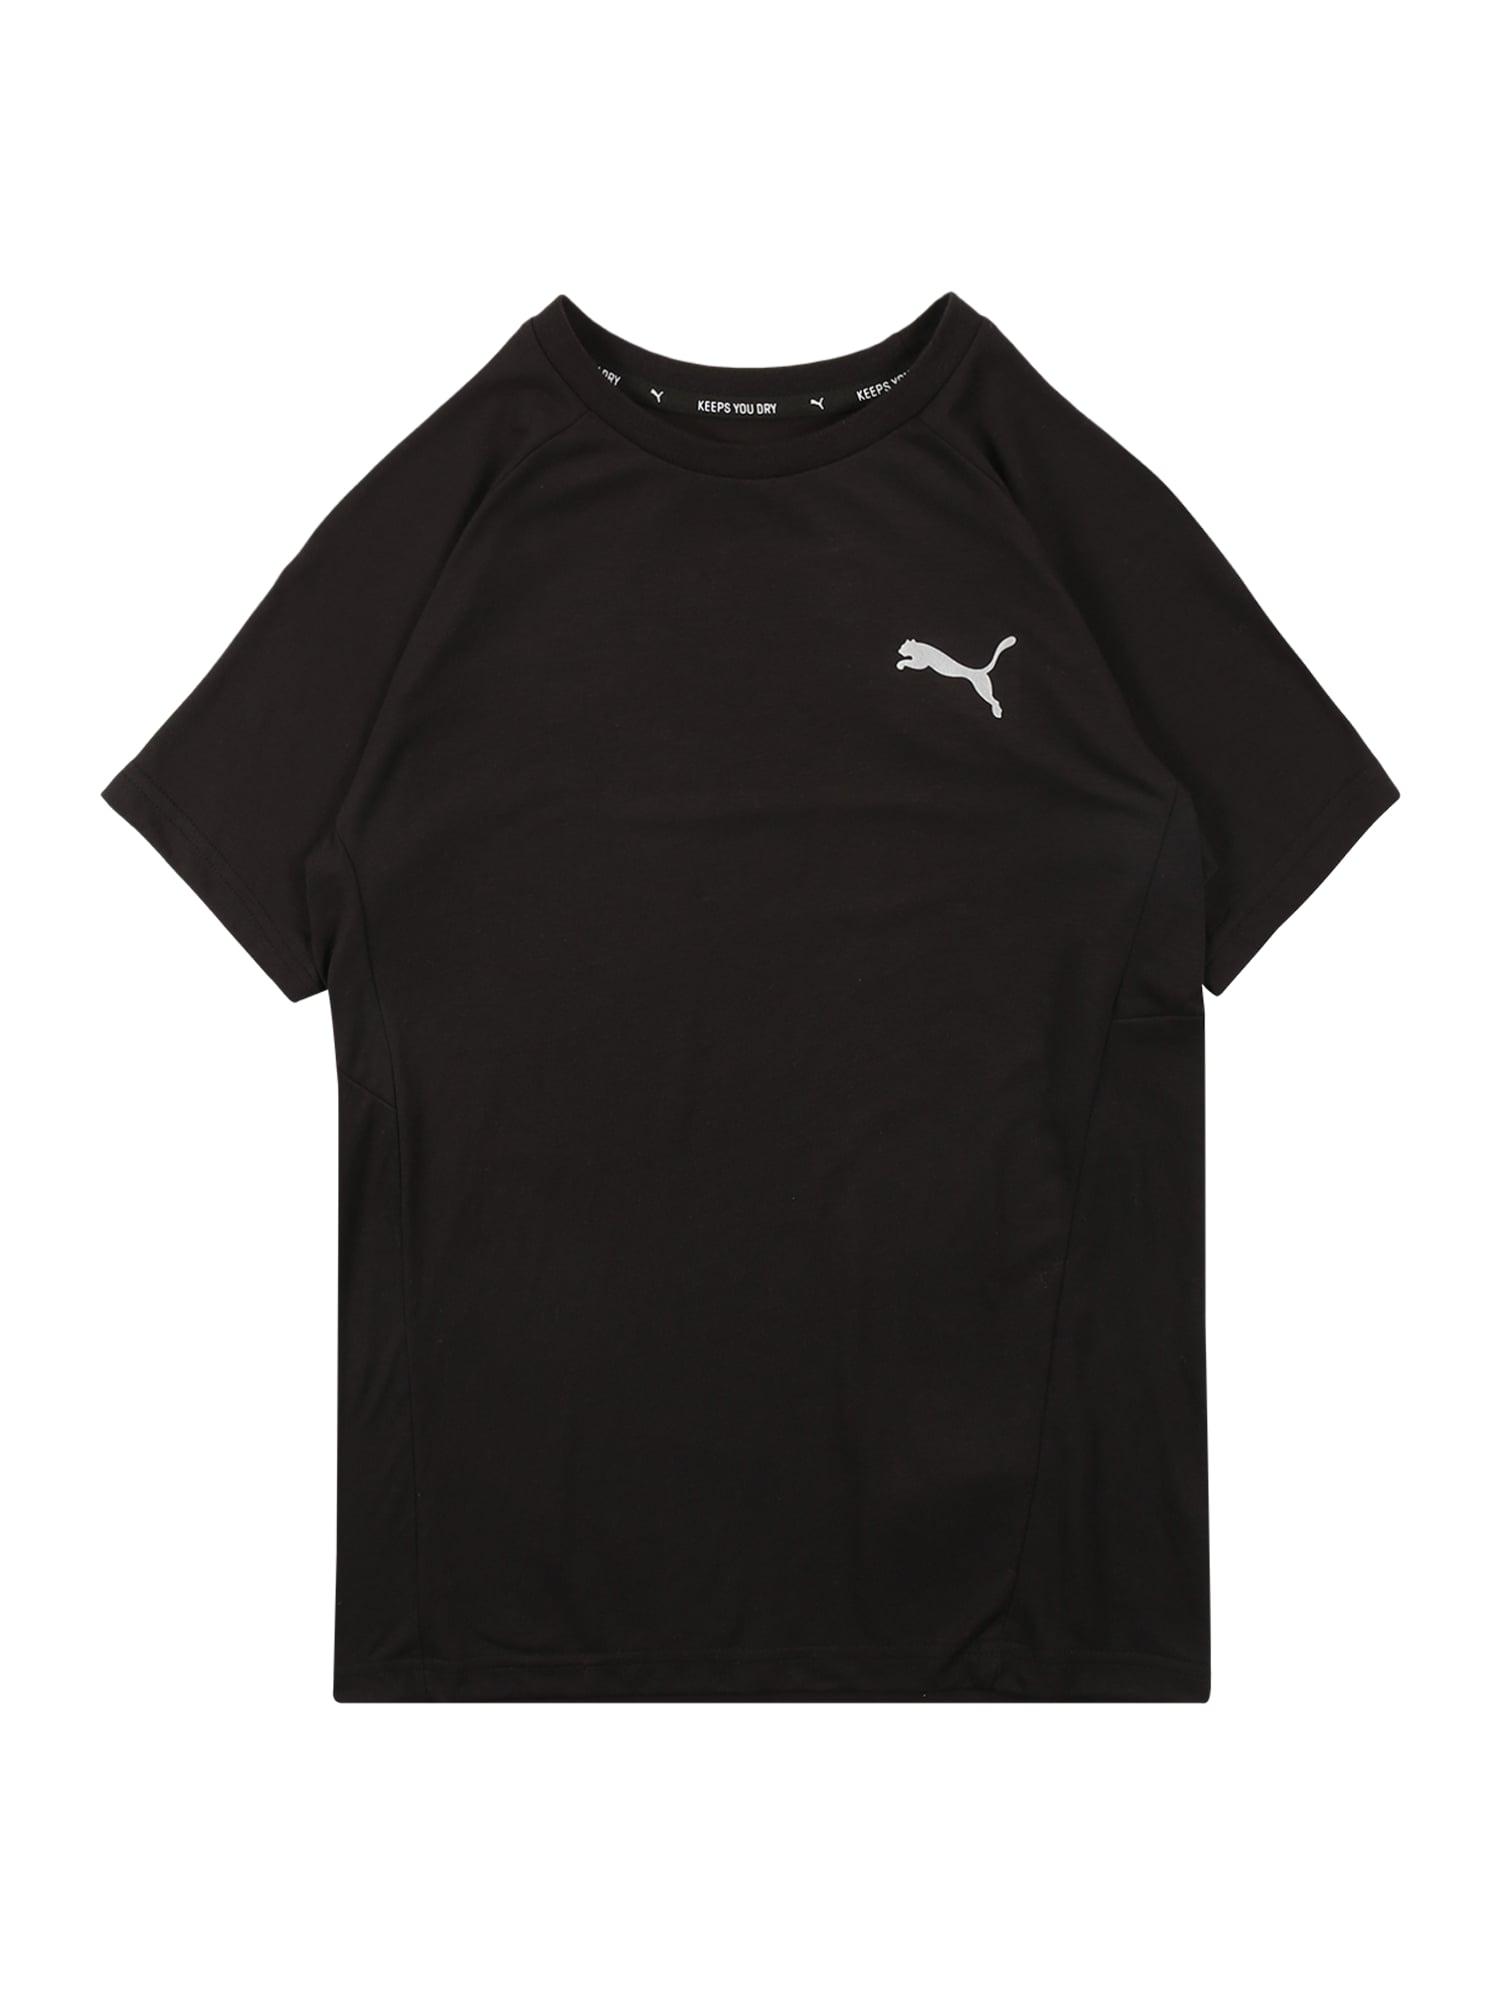 PUMA Sportiniai marškinėliai 'Evostripe' juoda / balta